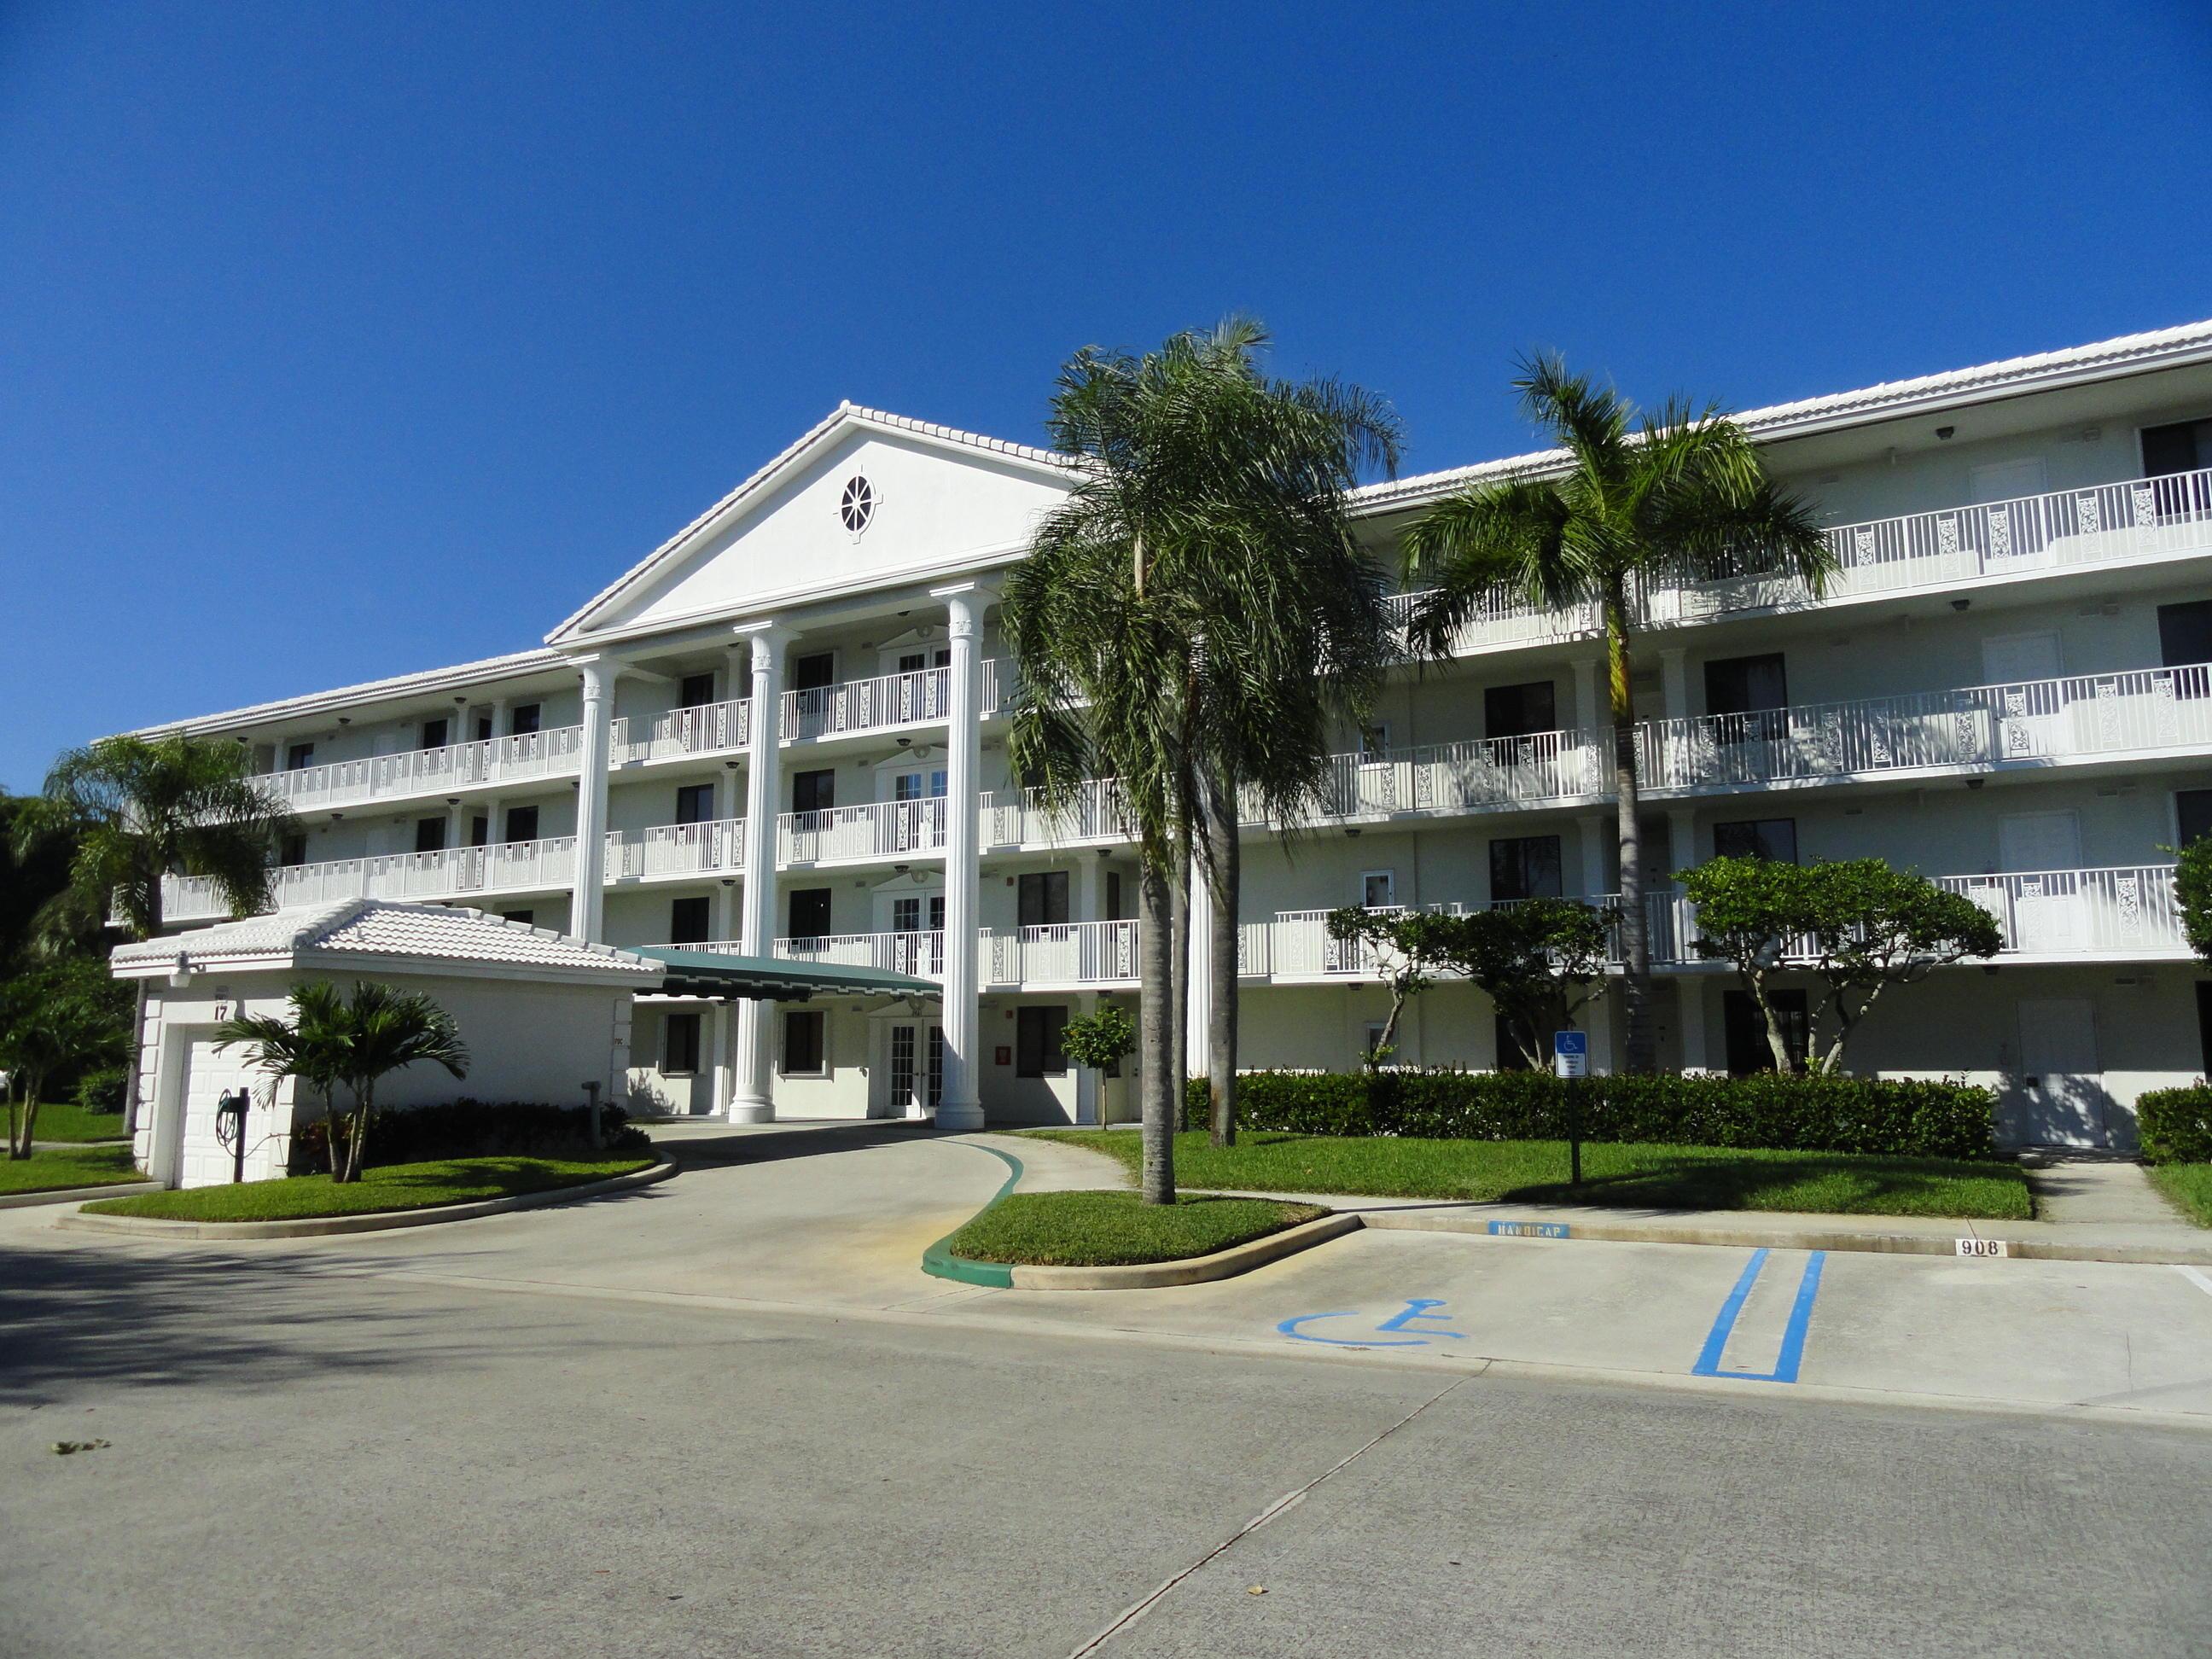 3511 Village Boulevard 101 West Palm Beach, FL 33409